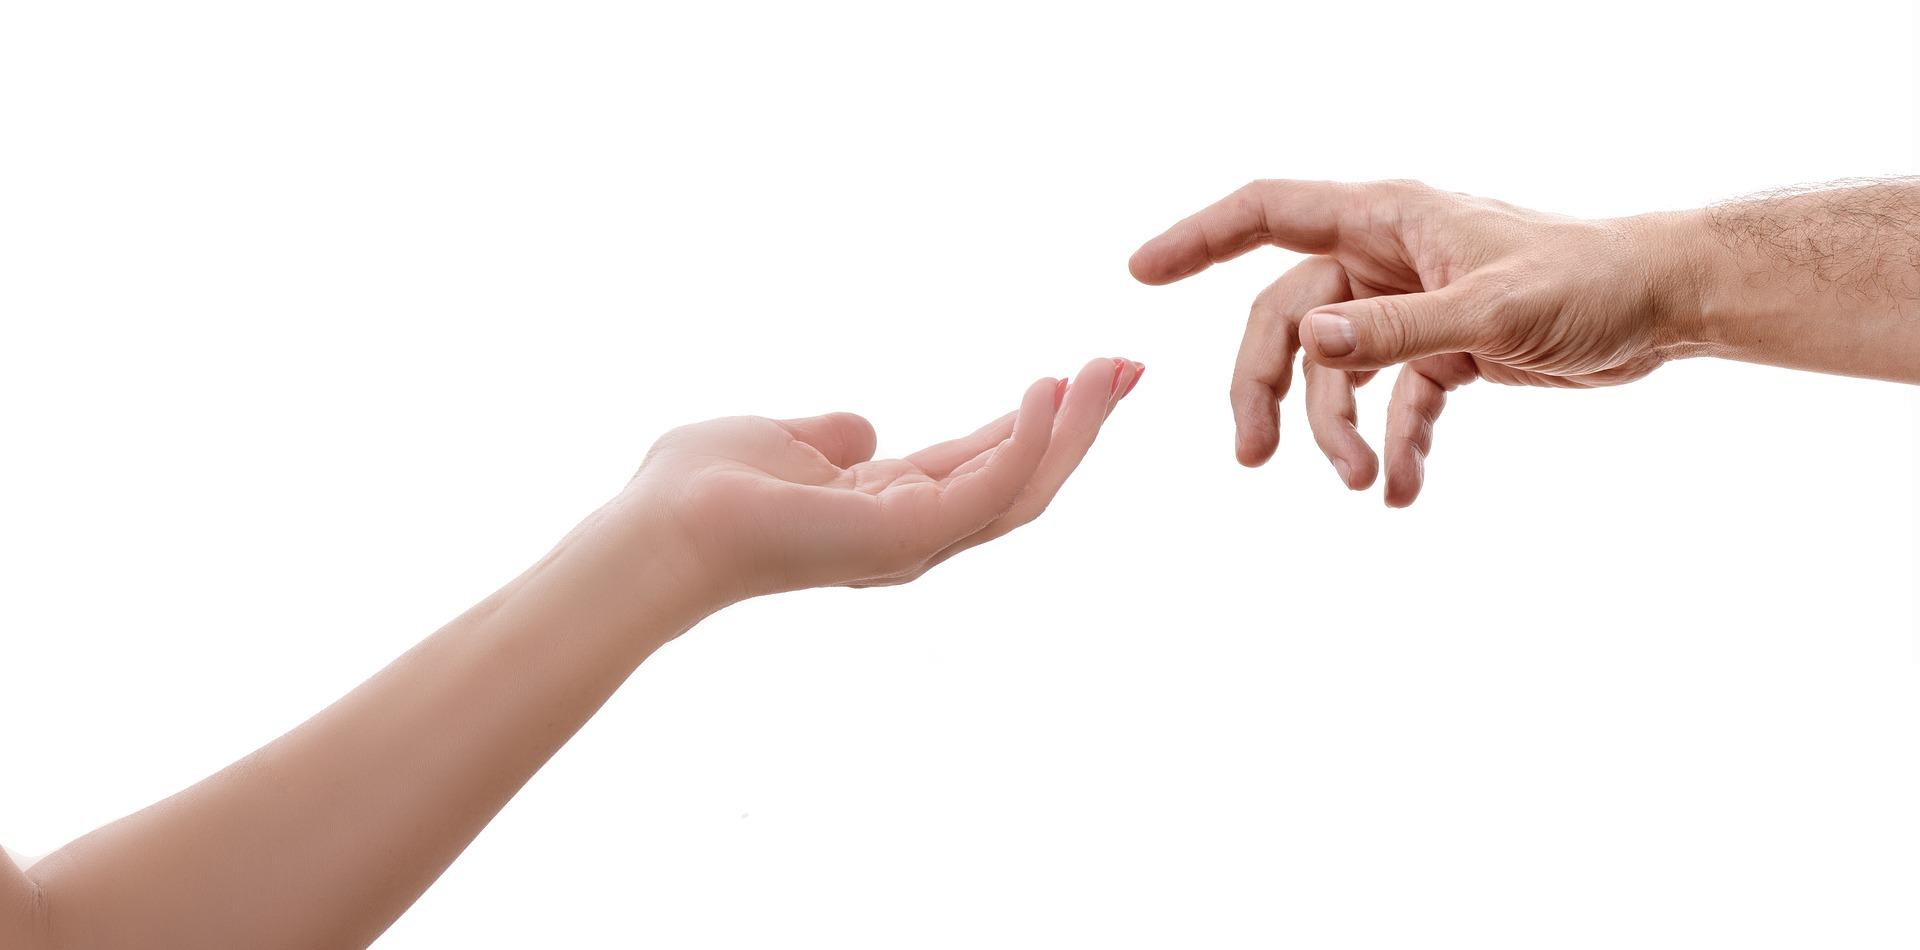 新月で願いを叶える☆開運編 「願い事の実現率を高める、手放しの法則」